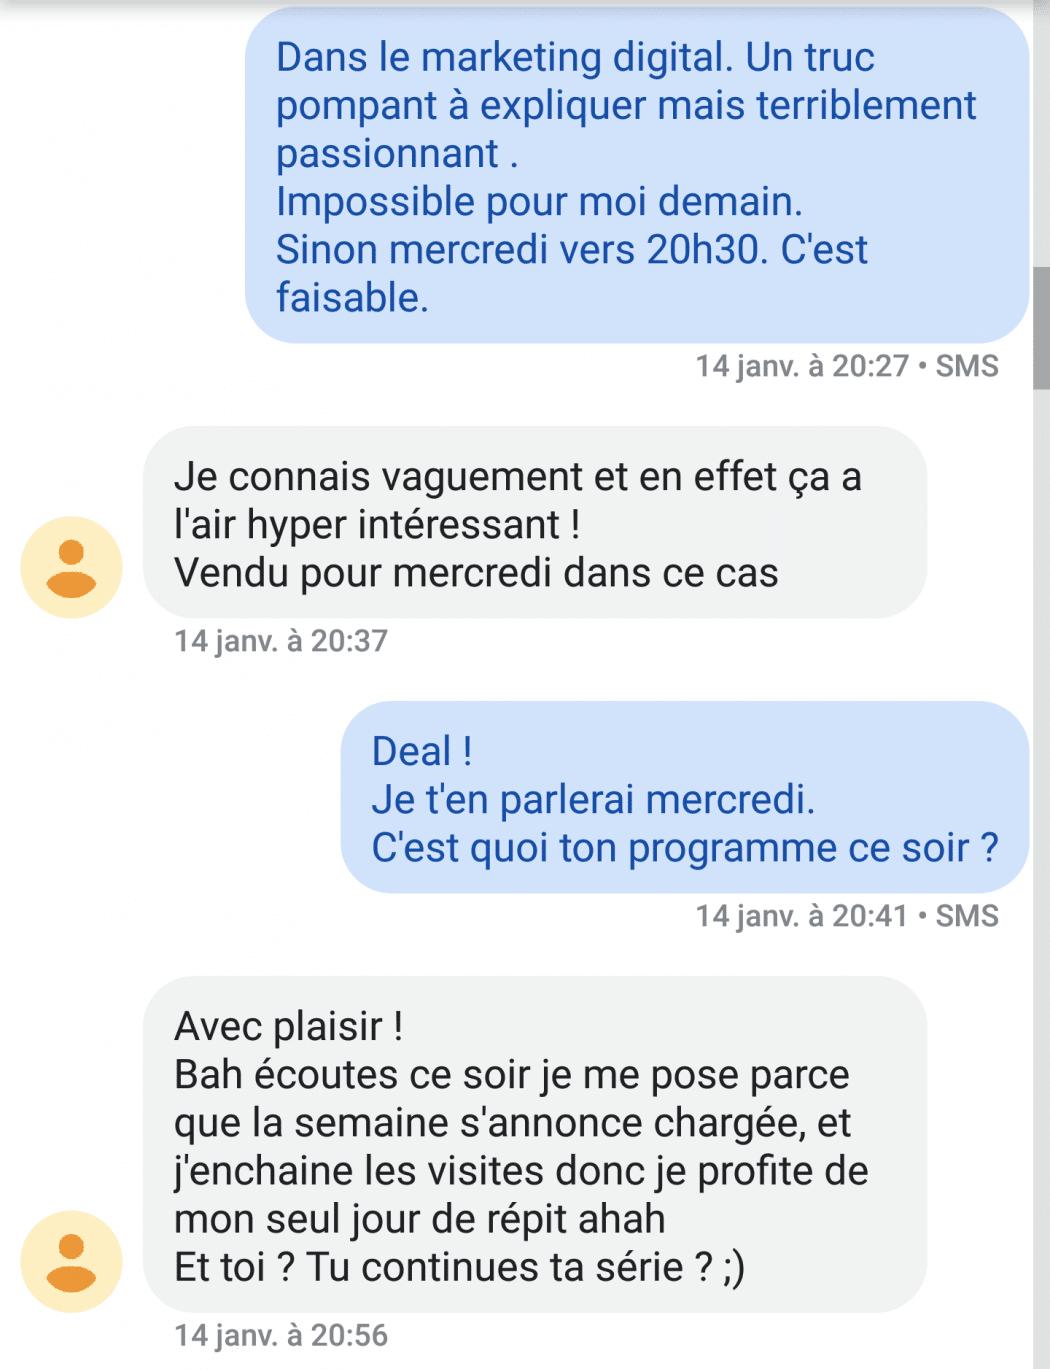 sms de rencontre avec une femme